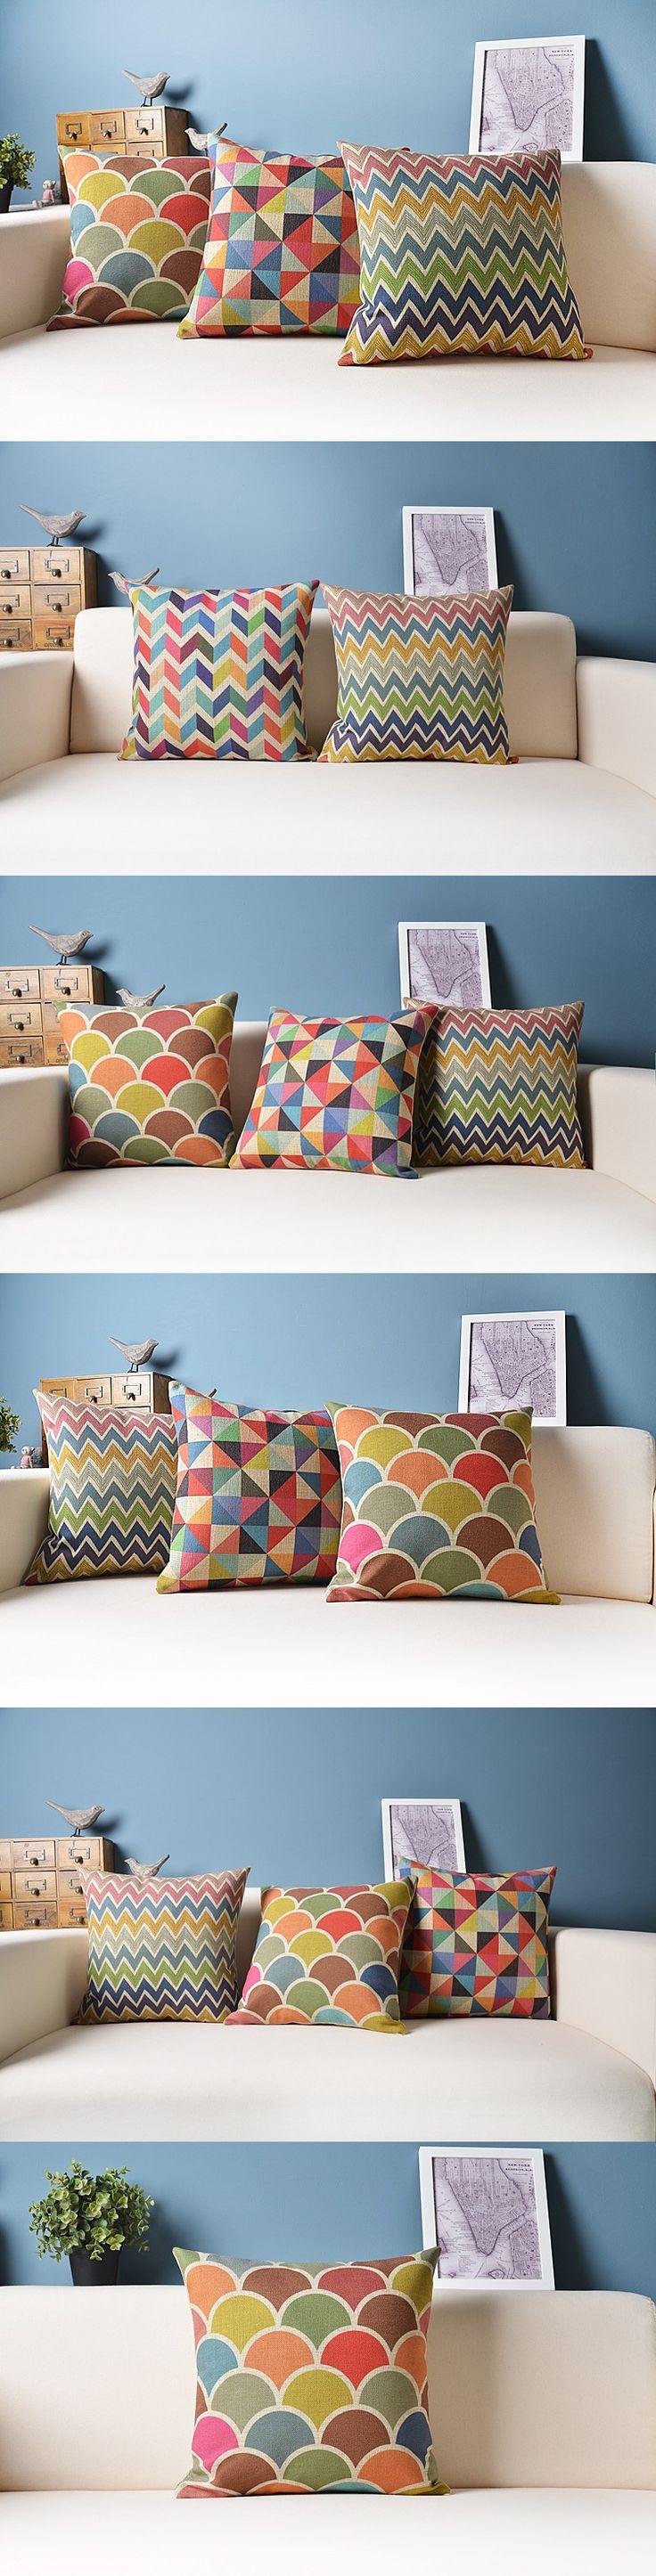 Best 25 Scandinavian pillow cases ideas on Pinterest